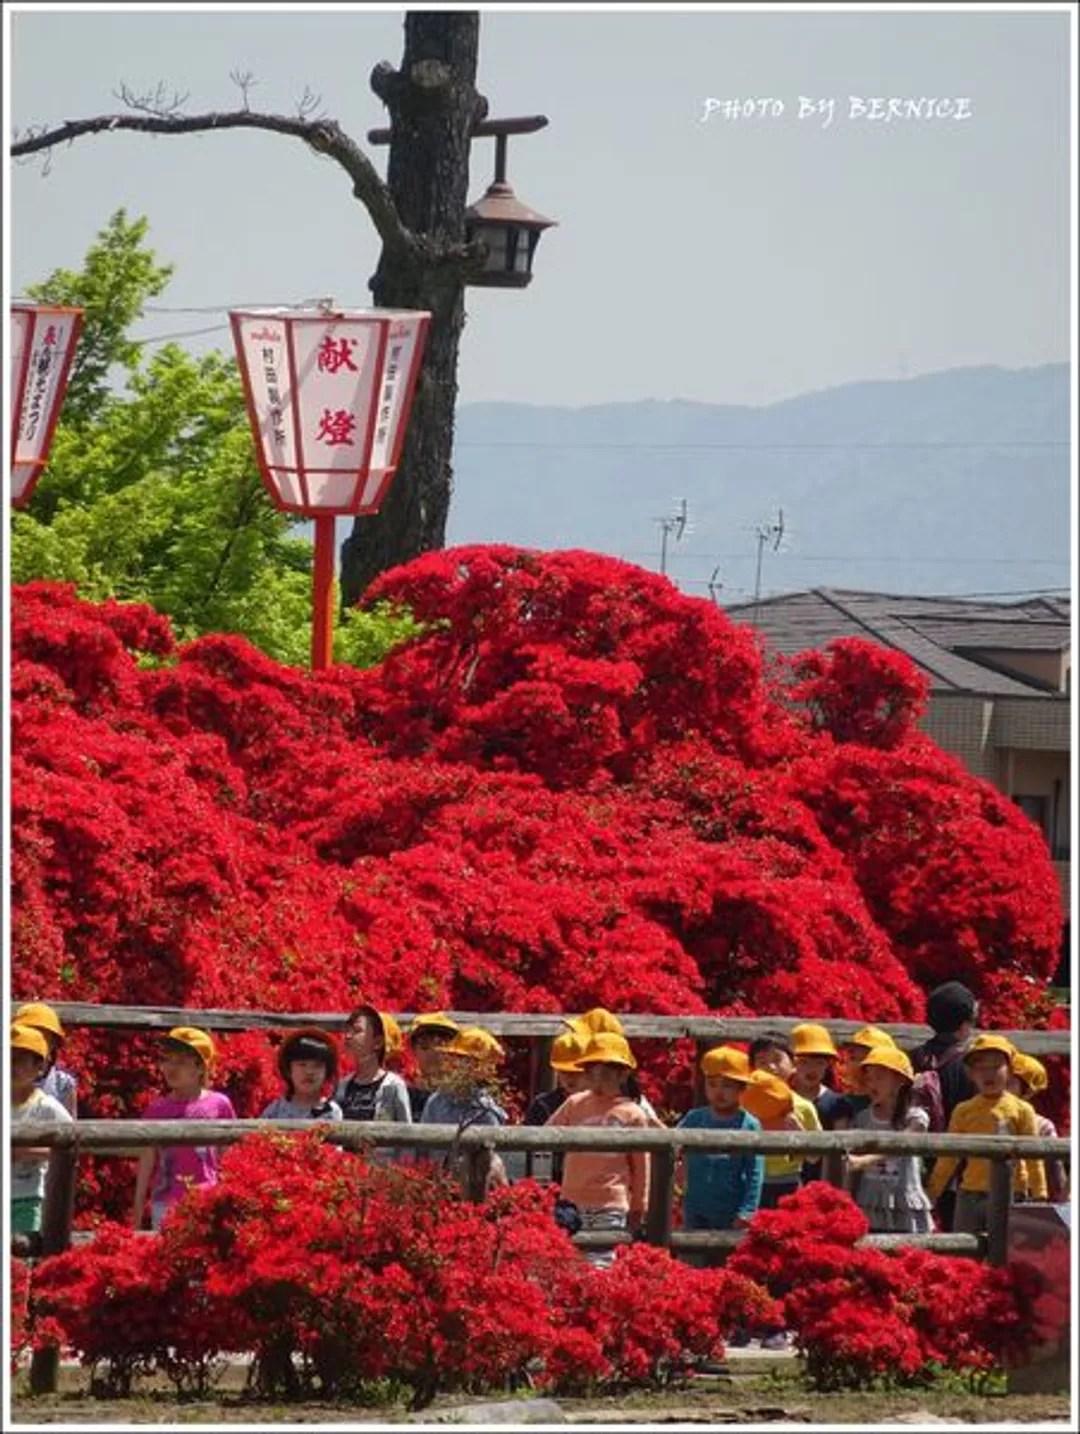 【日本花卉】長岡天滿宮紅通通的杜鵑隧道@bernice (16655) - 旅行酒吧